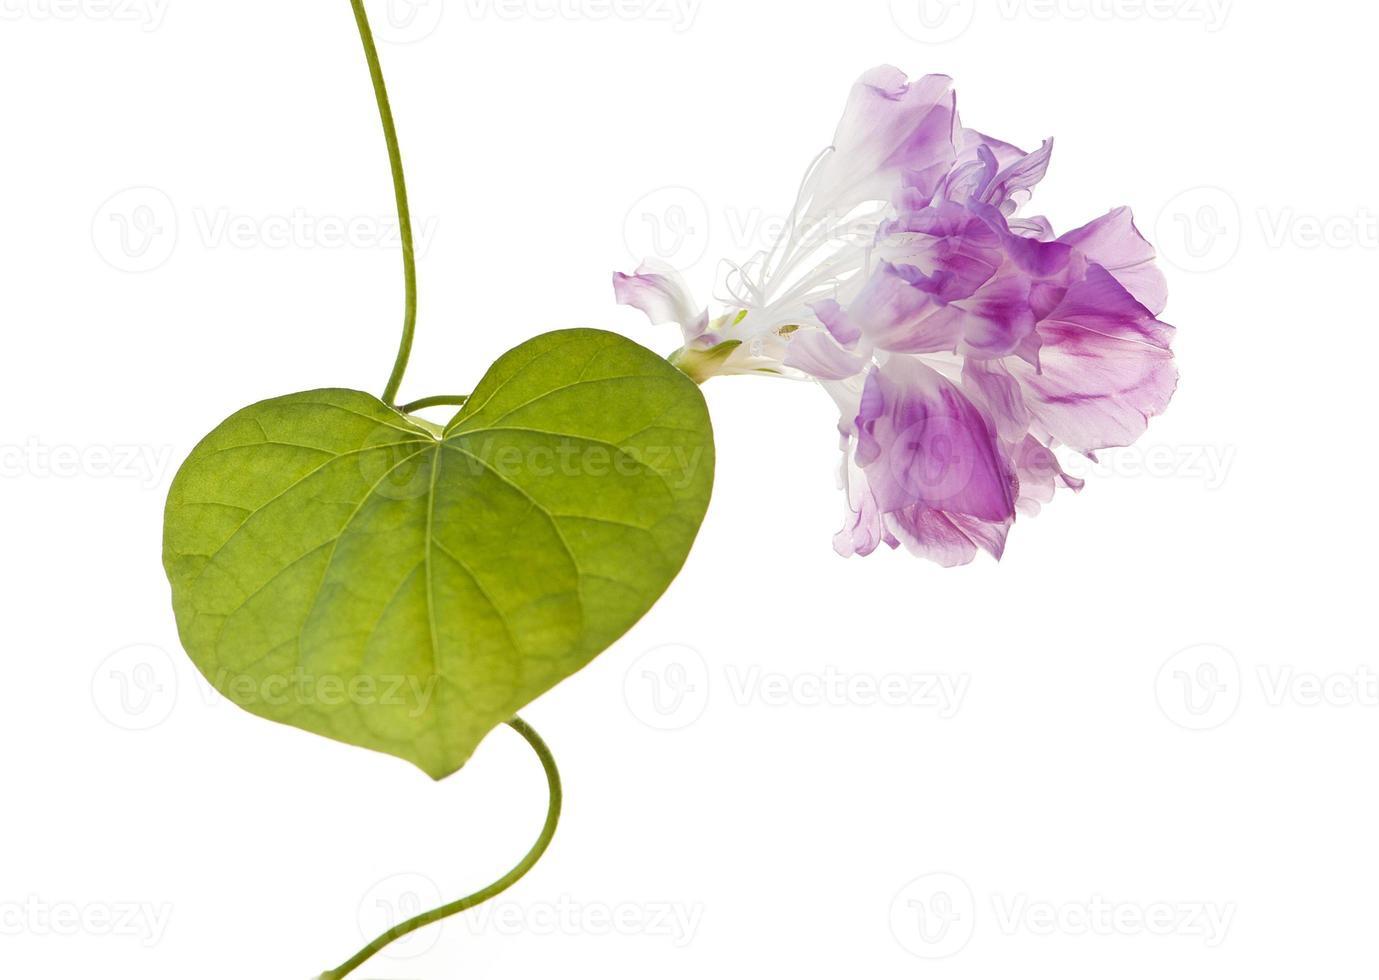 ipomoea nil, fraction de seconde, feuille en forme de coeur et fleur rose photo